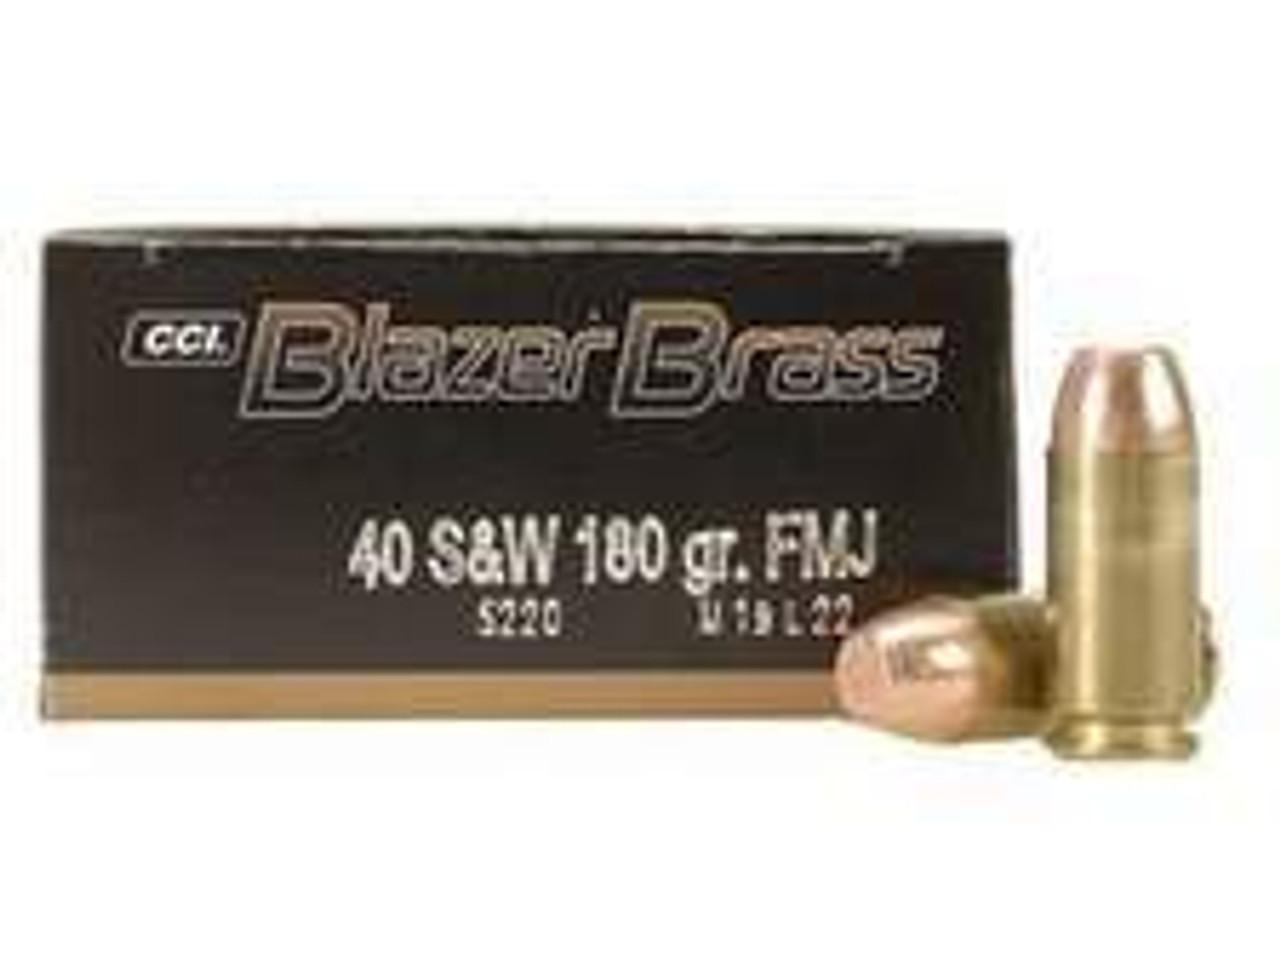 40 S&W Ammo